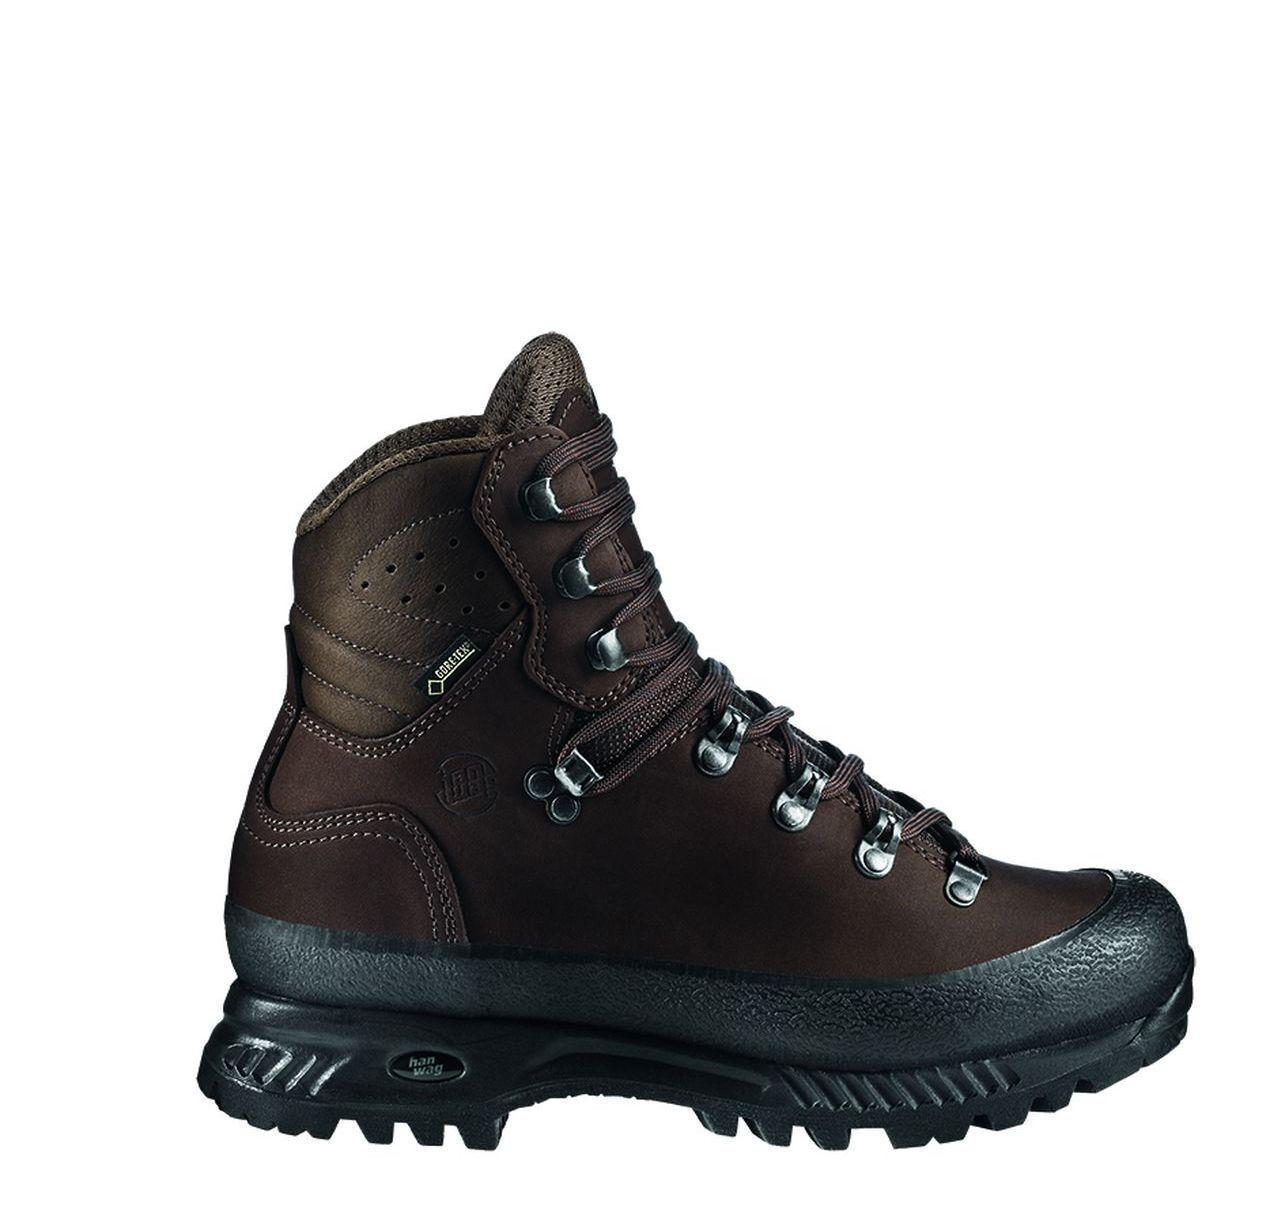 Hanwag Zapatos de Montaña Nazcat GTX Men Tamaño 11,5-46,5 Tierra